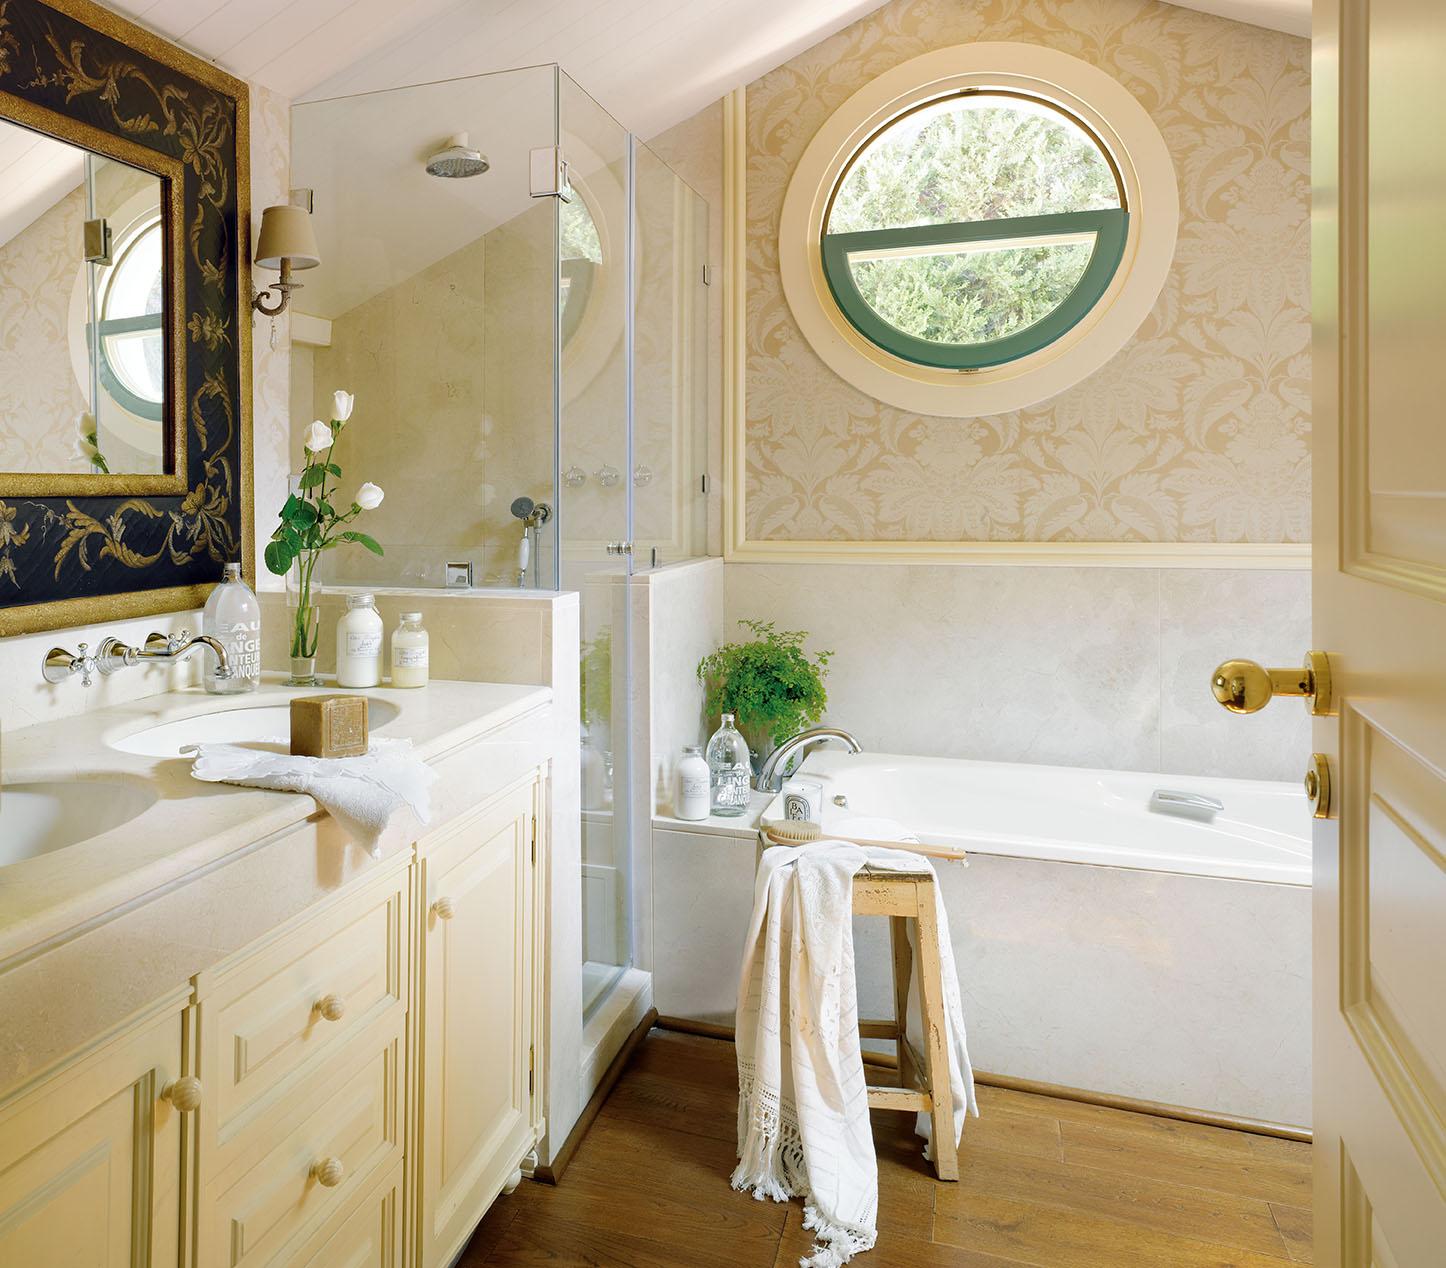 00320819. Pequeño baño de la casa con ducha y bañera_00320819